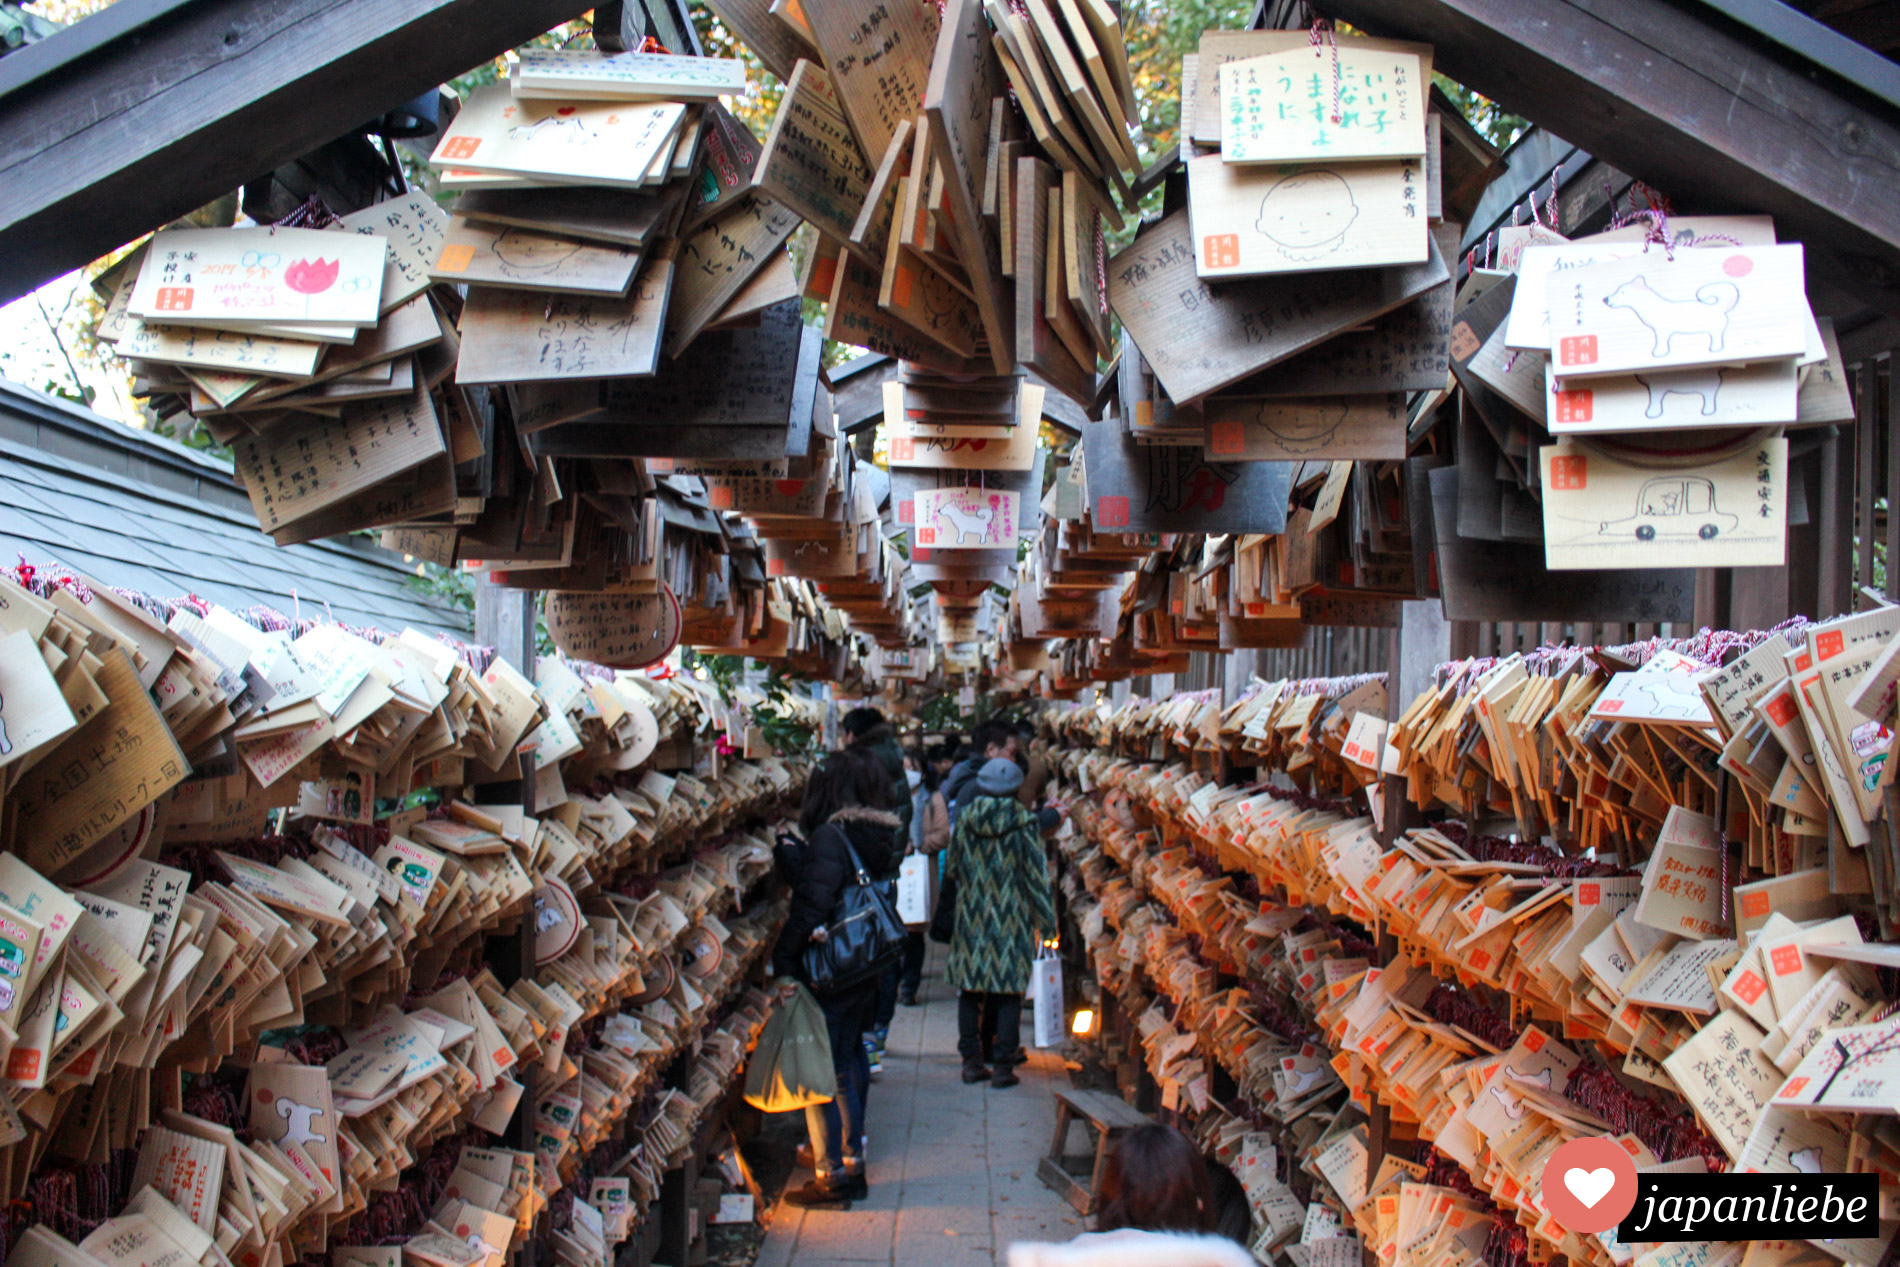 Der Hiwasa Schrein in Kawagoe hat einen besonders schönen Tunnel, in dem man ema-Wunschtafeln aufhängen kann.